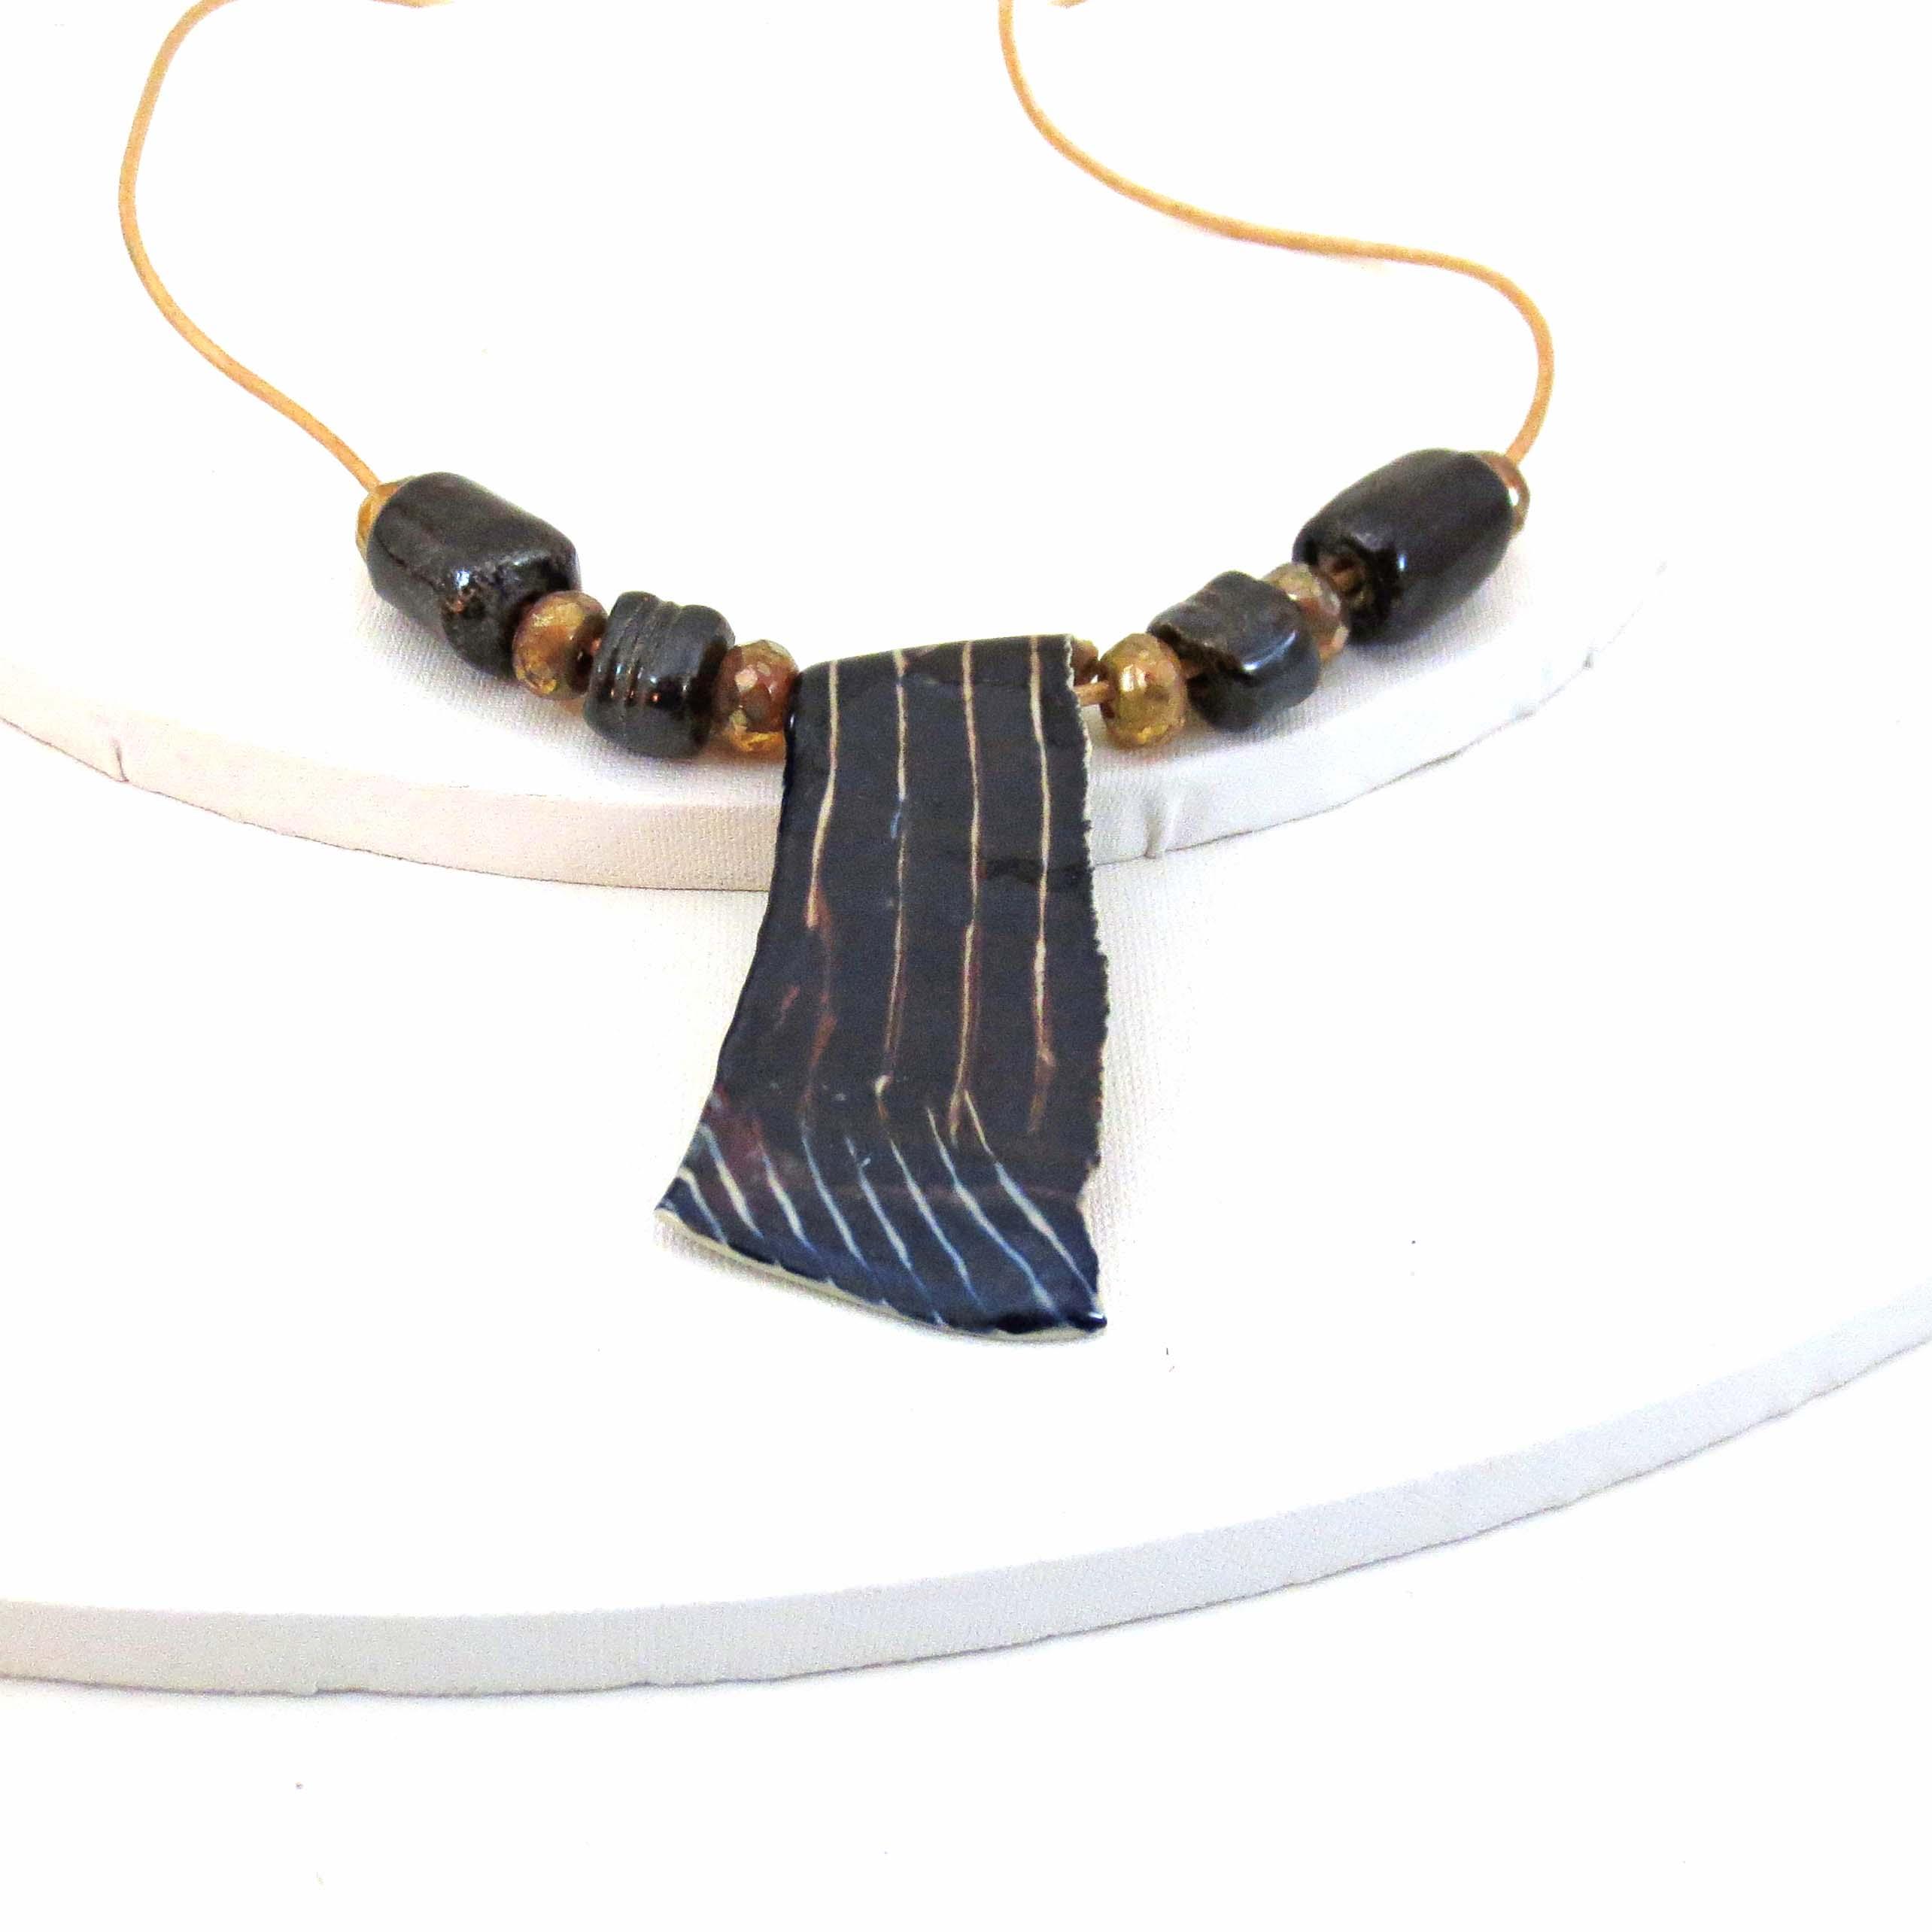 Black & white ceramic pendant